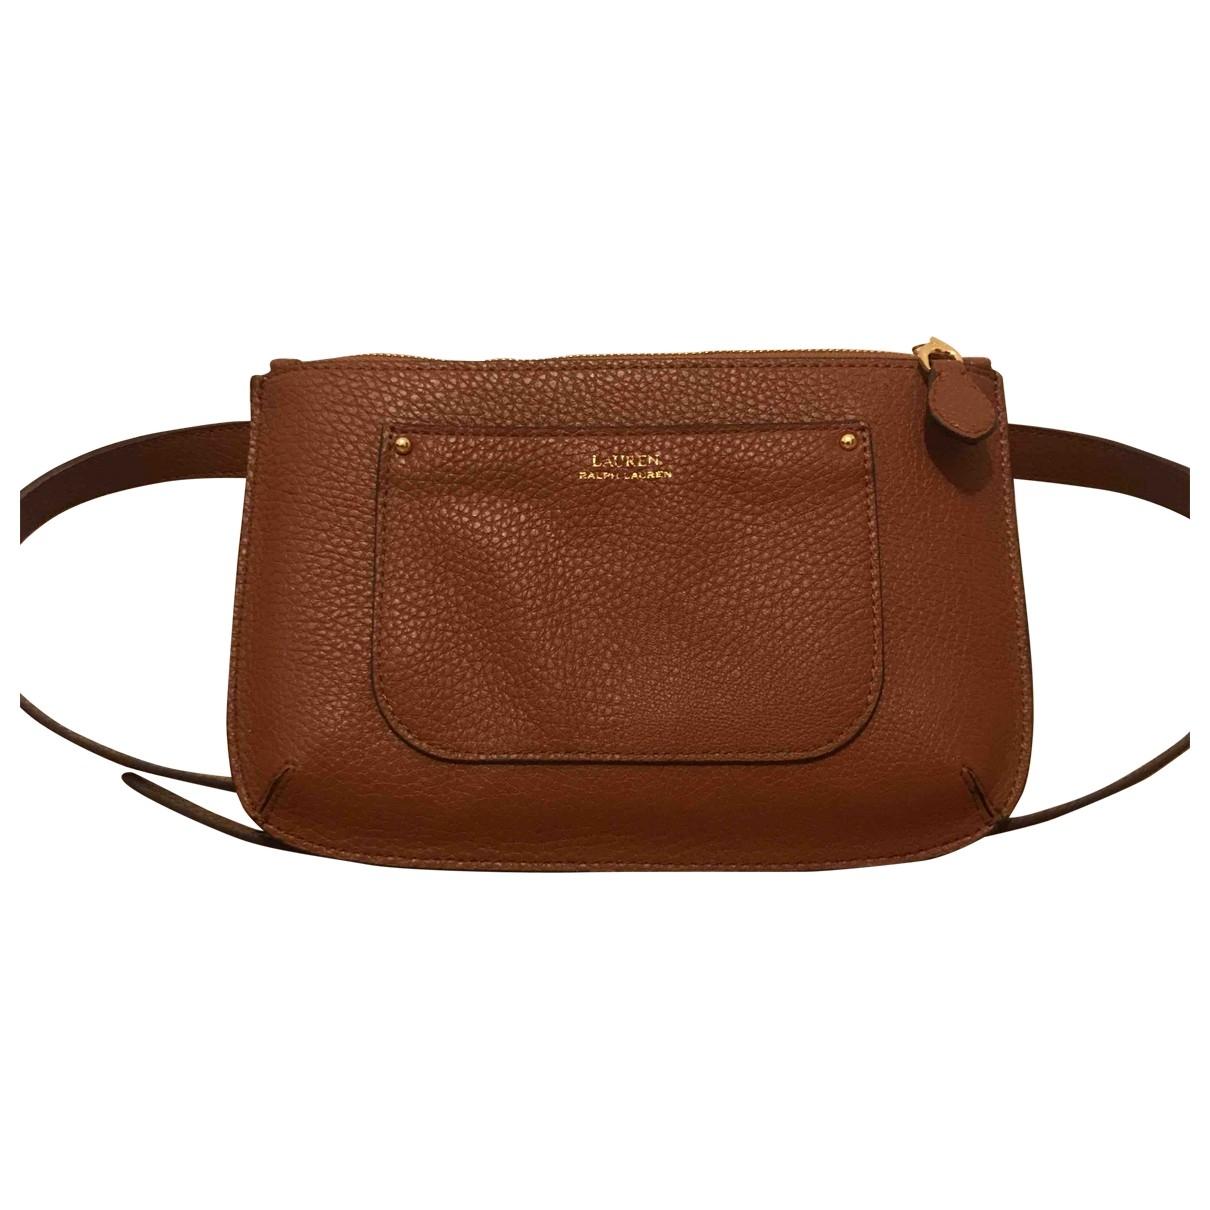 Lauren Ralph Lauren \N Camel handbag for Women \N